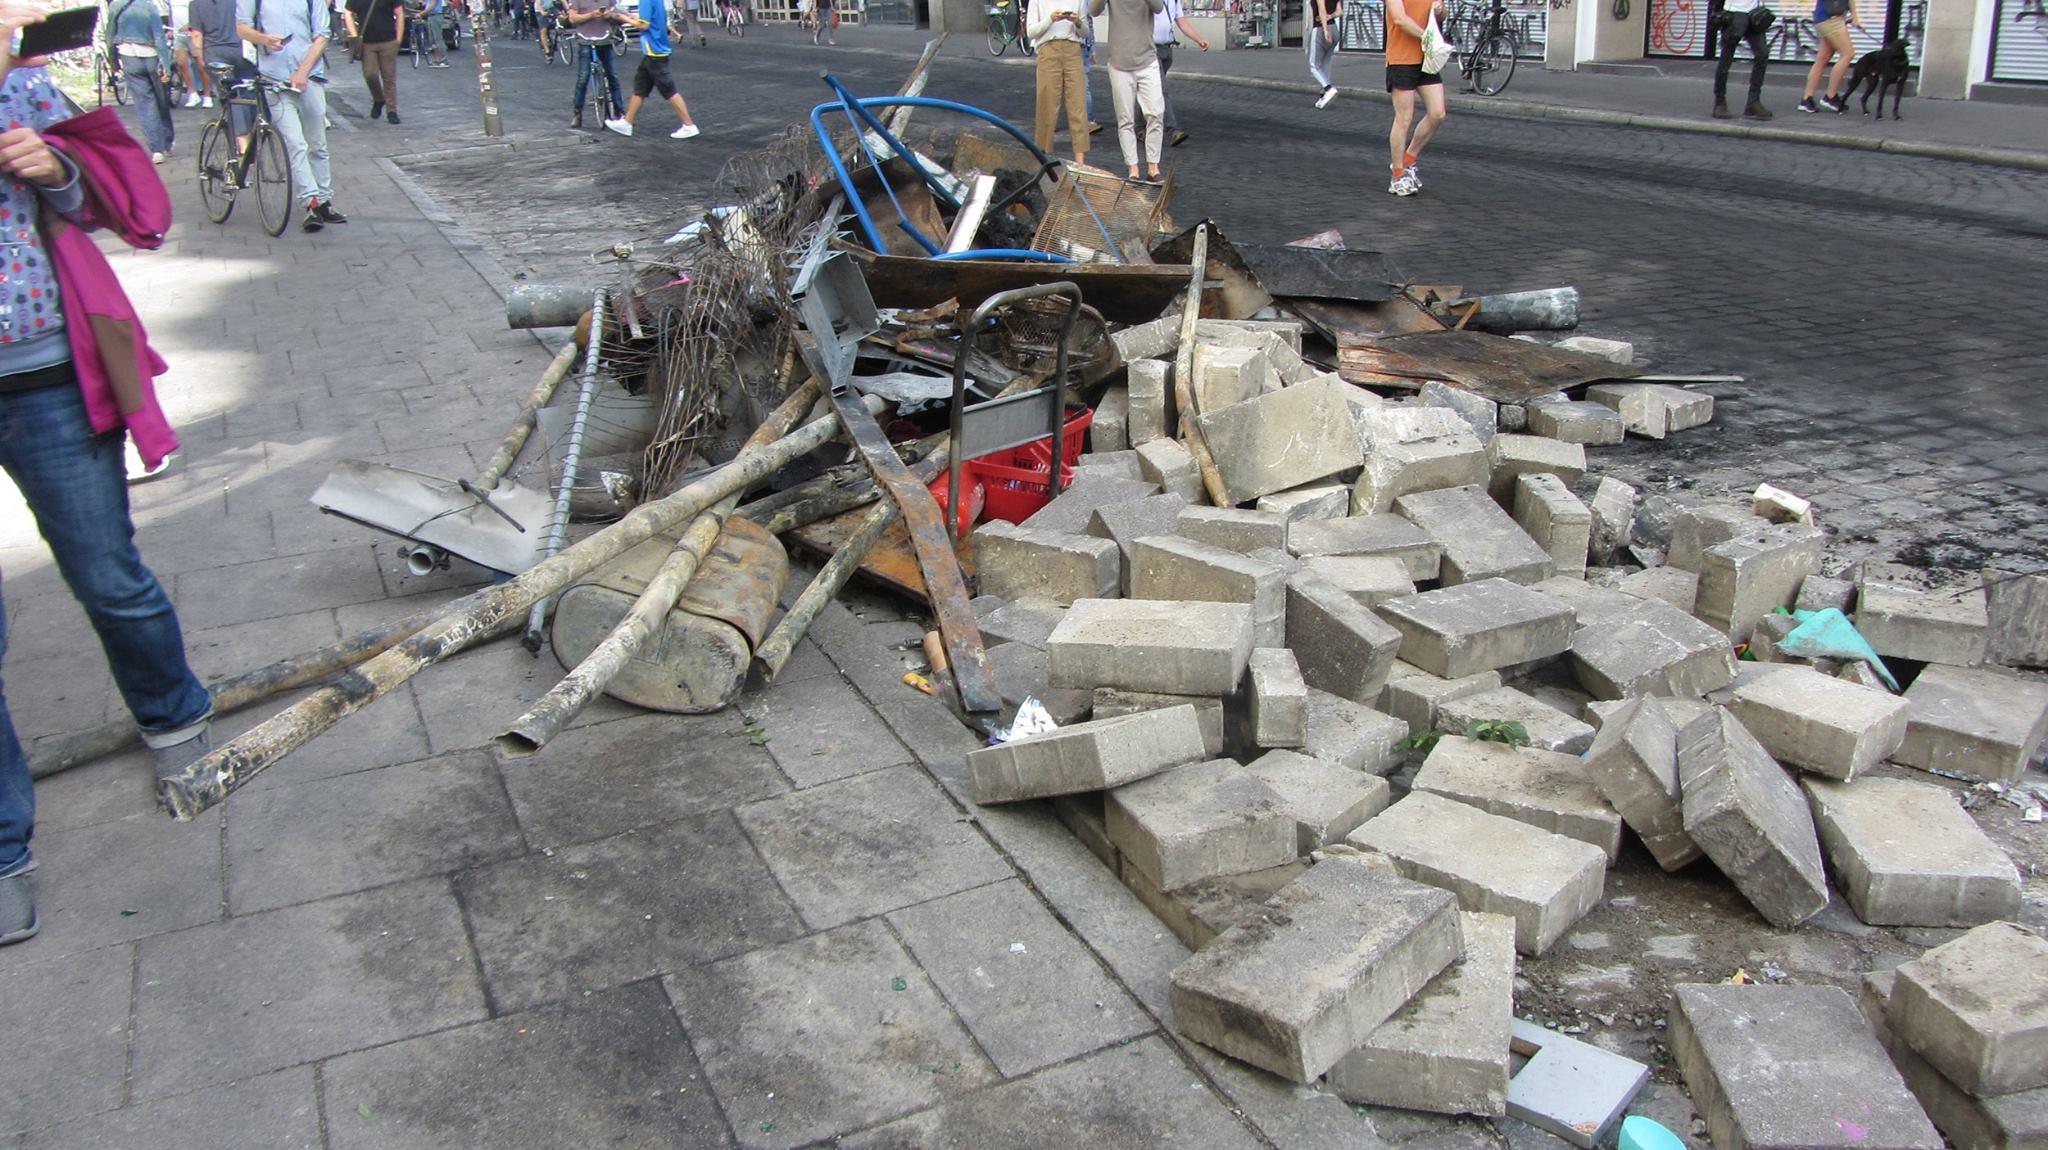 G20-Gipfel: So sah es nach der Krawallnacht im Schanzenviertel aus